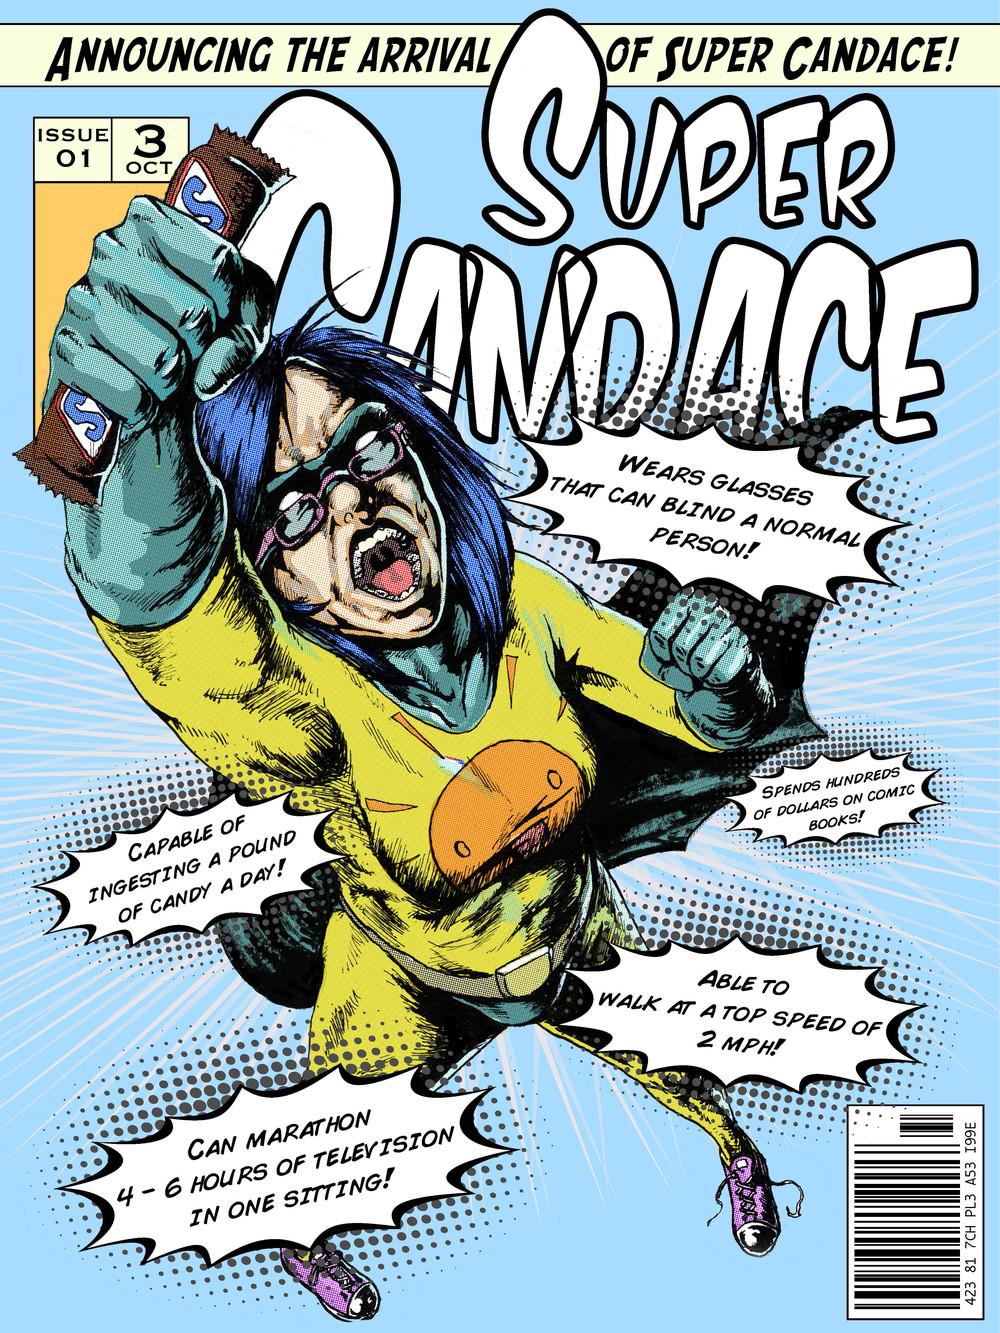 Super Candace